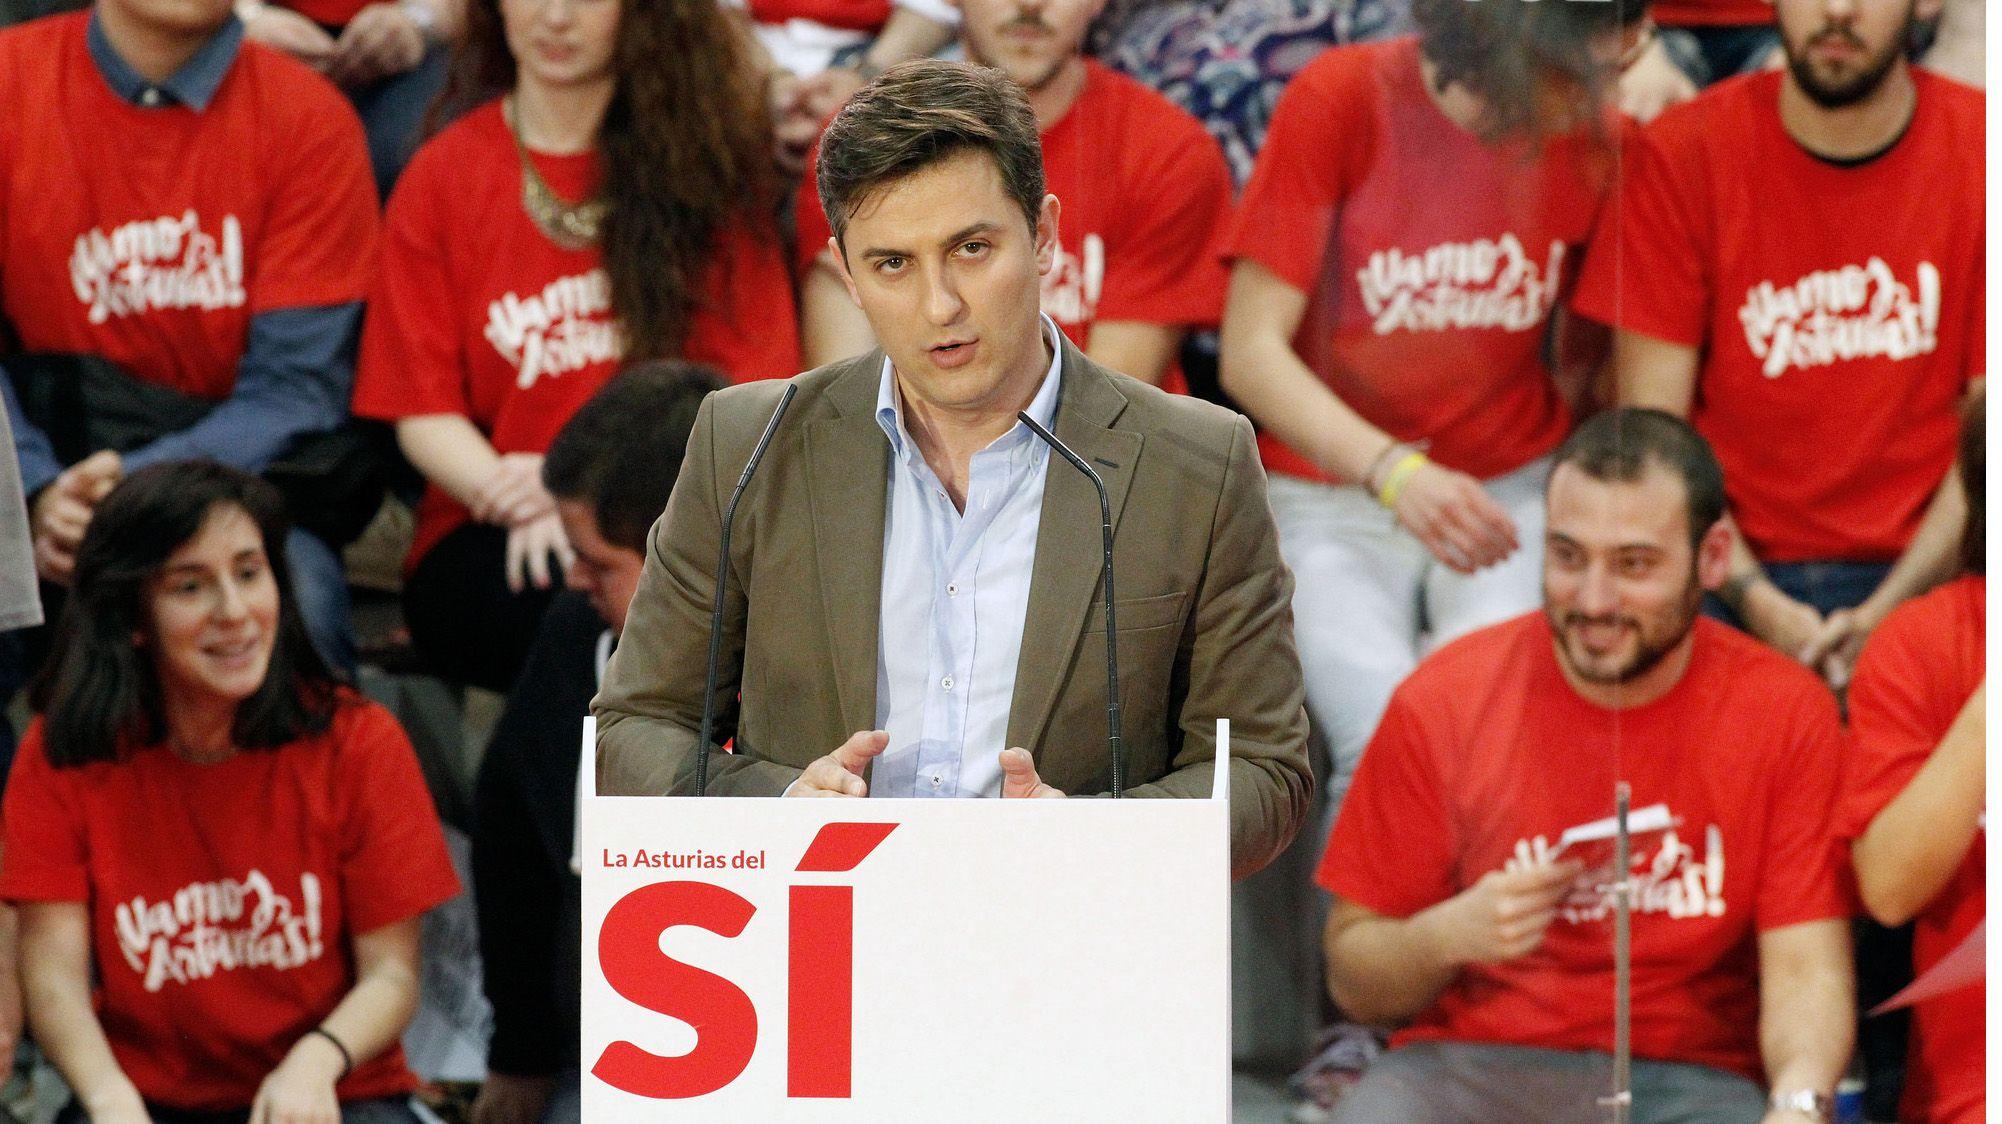 Las gaitas suenan en la Marcha Negra.José María Pérez en la campaña de 2015